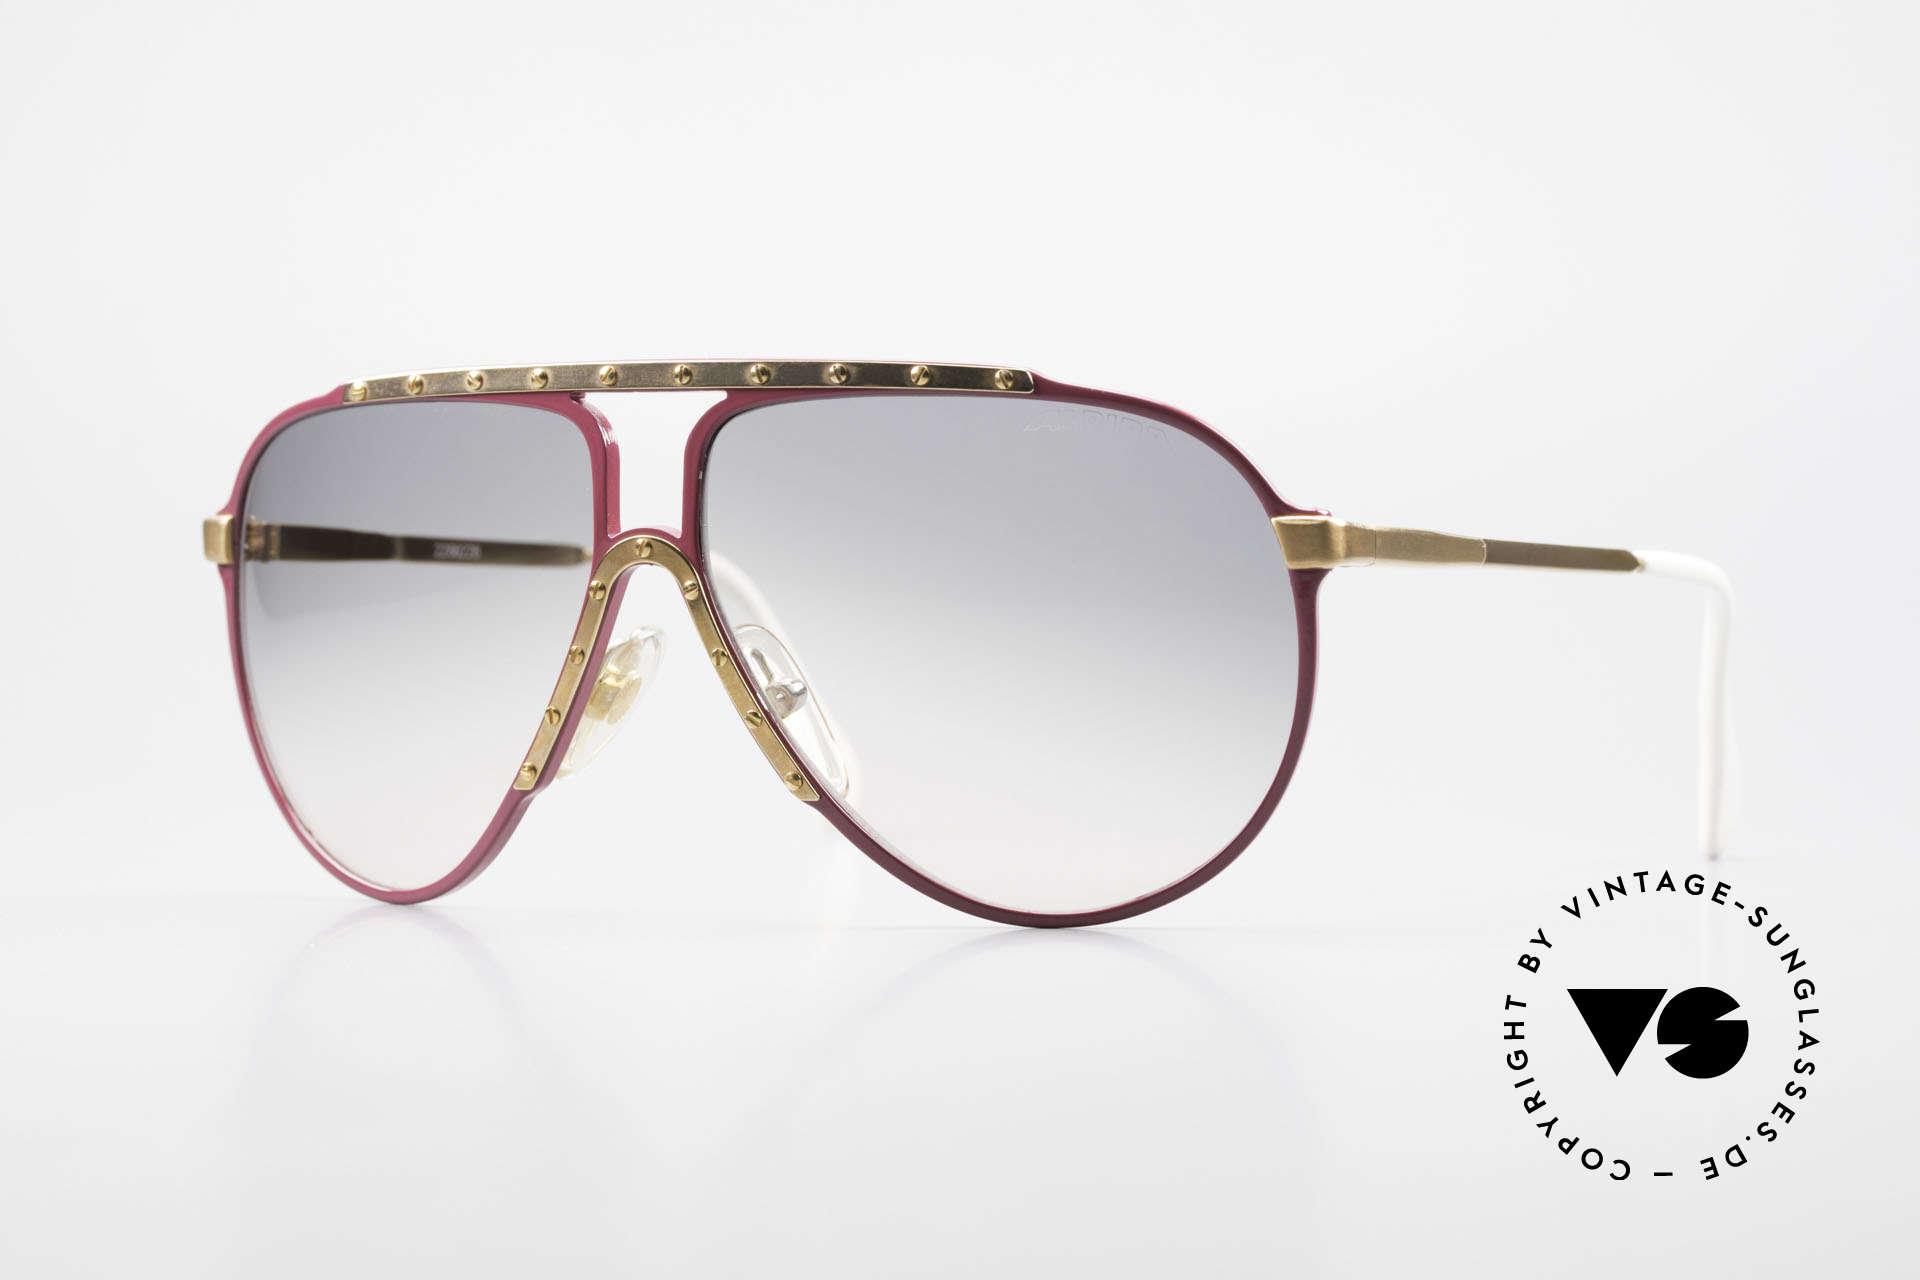 Alpina M1 80er Vintage Kultbrille Pink, pinke ALPINA M1 Sonnenbrille in Größe 60°12, Passend für Damen